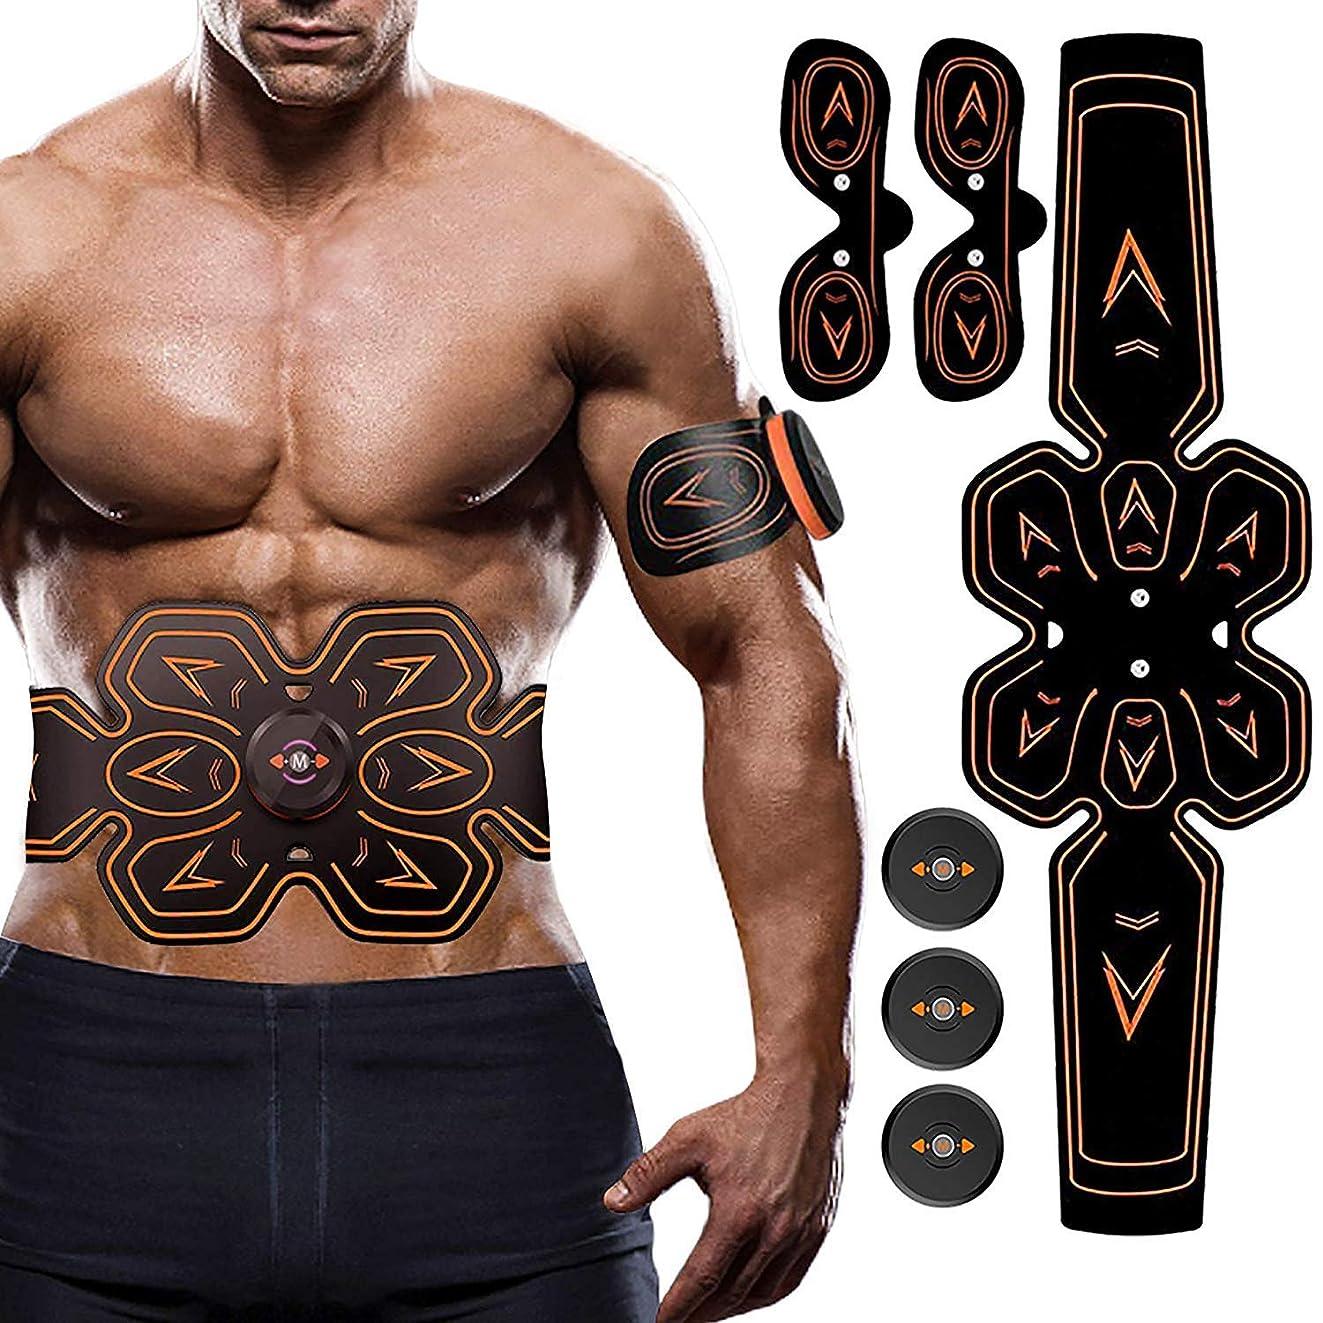 句読点疑わしい反対する電気腹部筋肉刺激装置、ABSウエストトレーナーフィットネス減量体重減少マッサージャー用男性と女性の脂肪燃焼